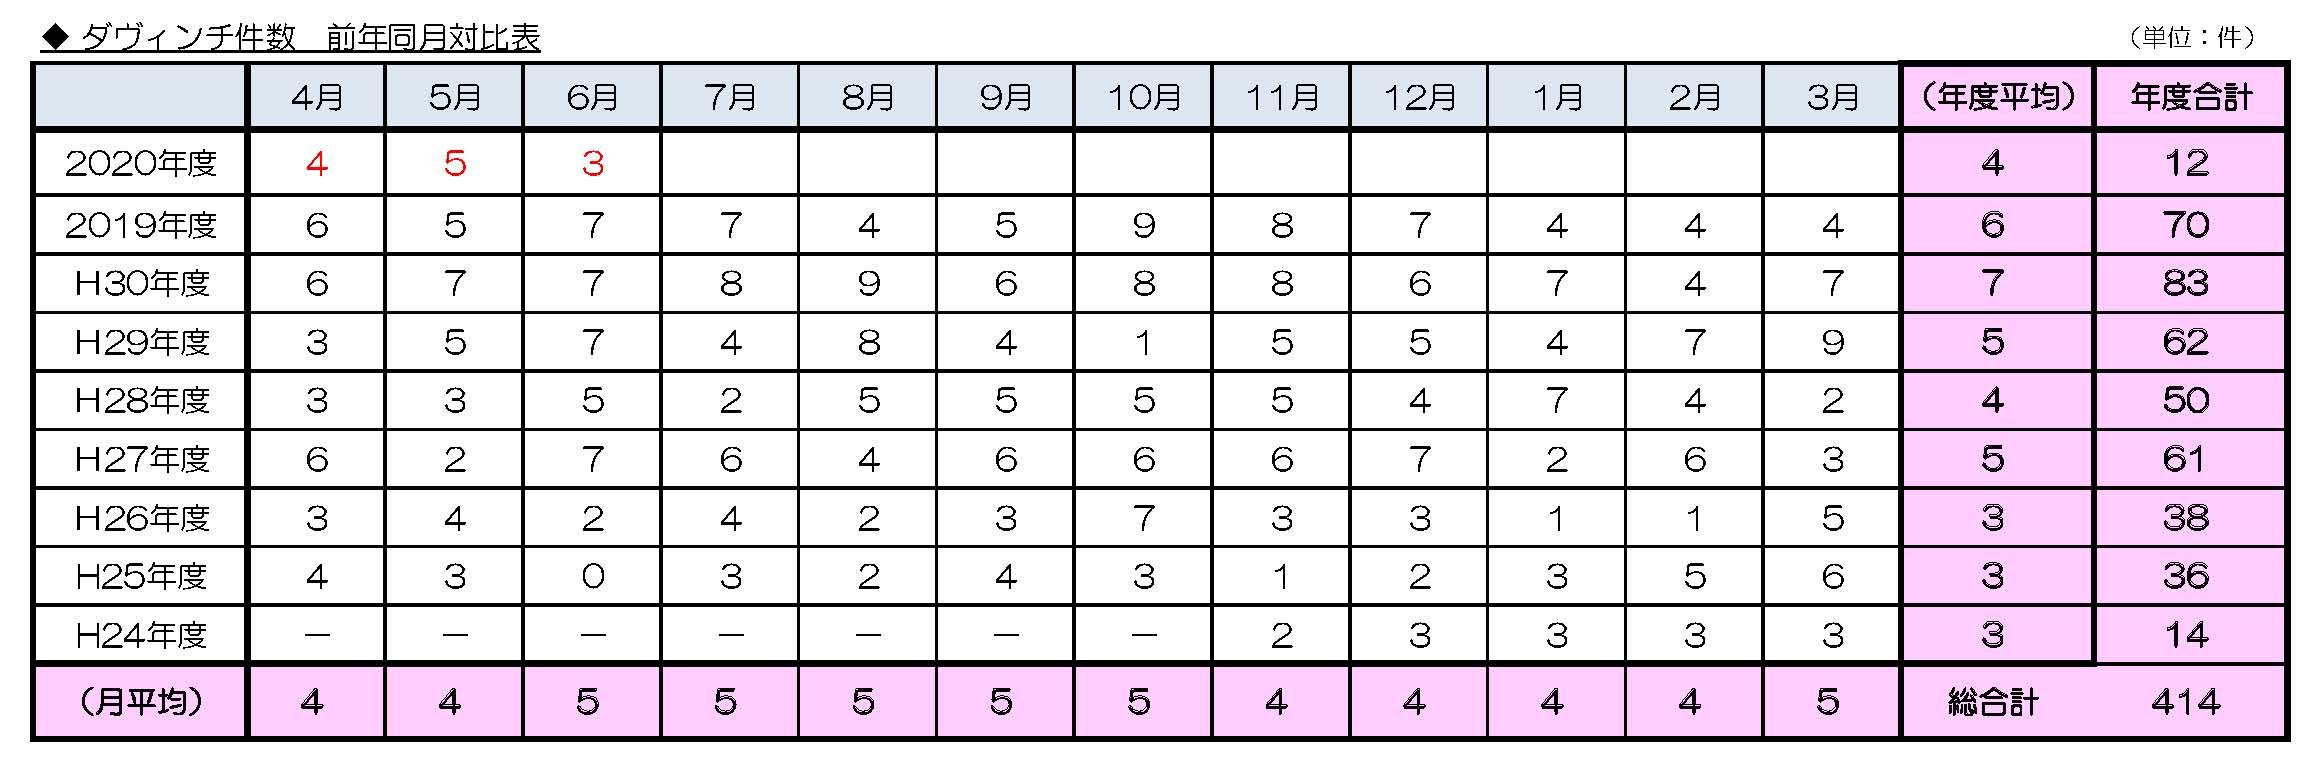 ダヴィンチ件数 前年同月対比表